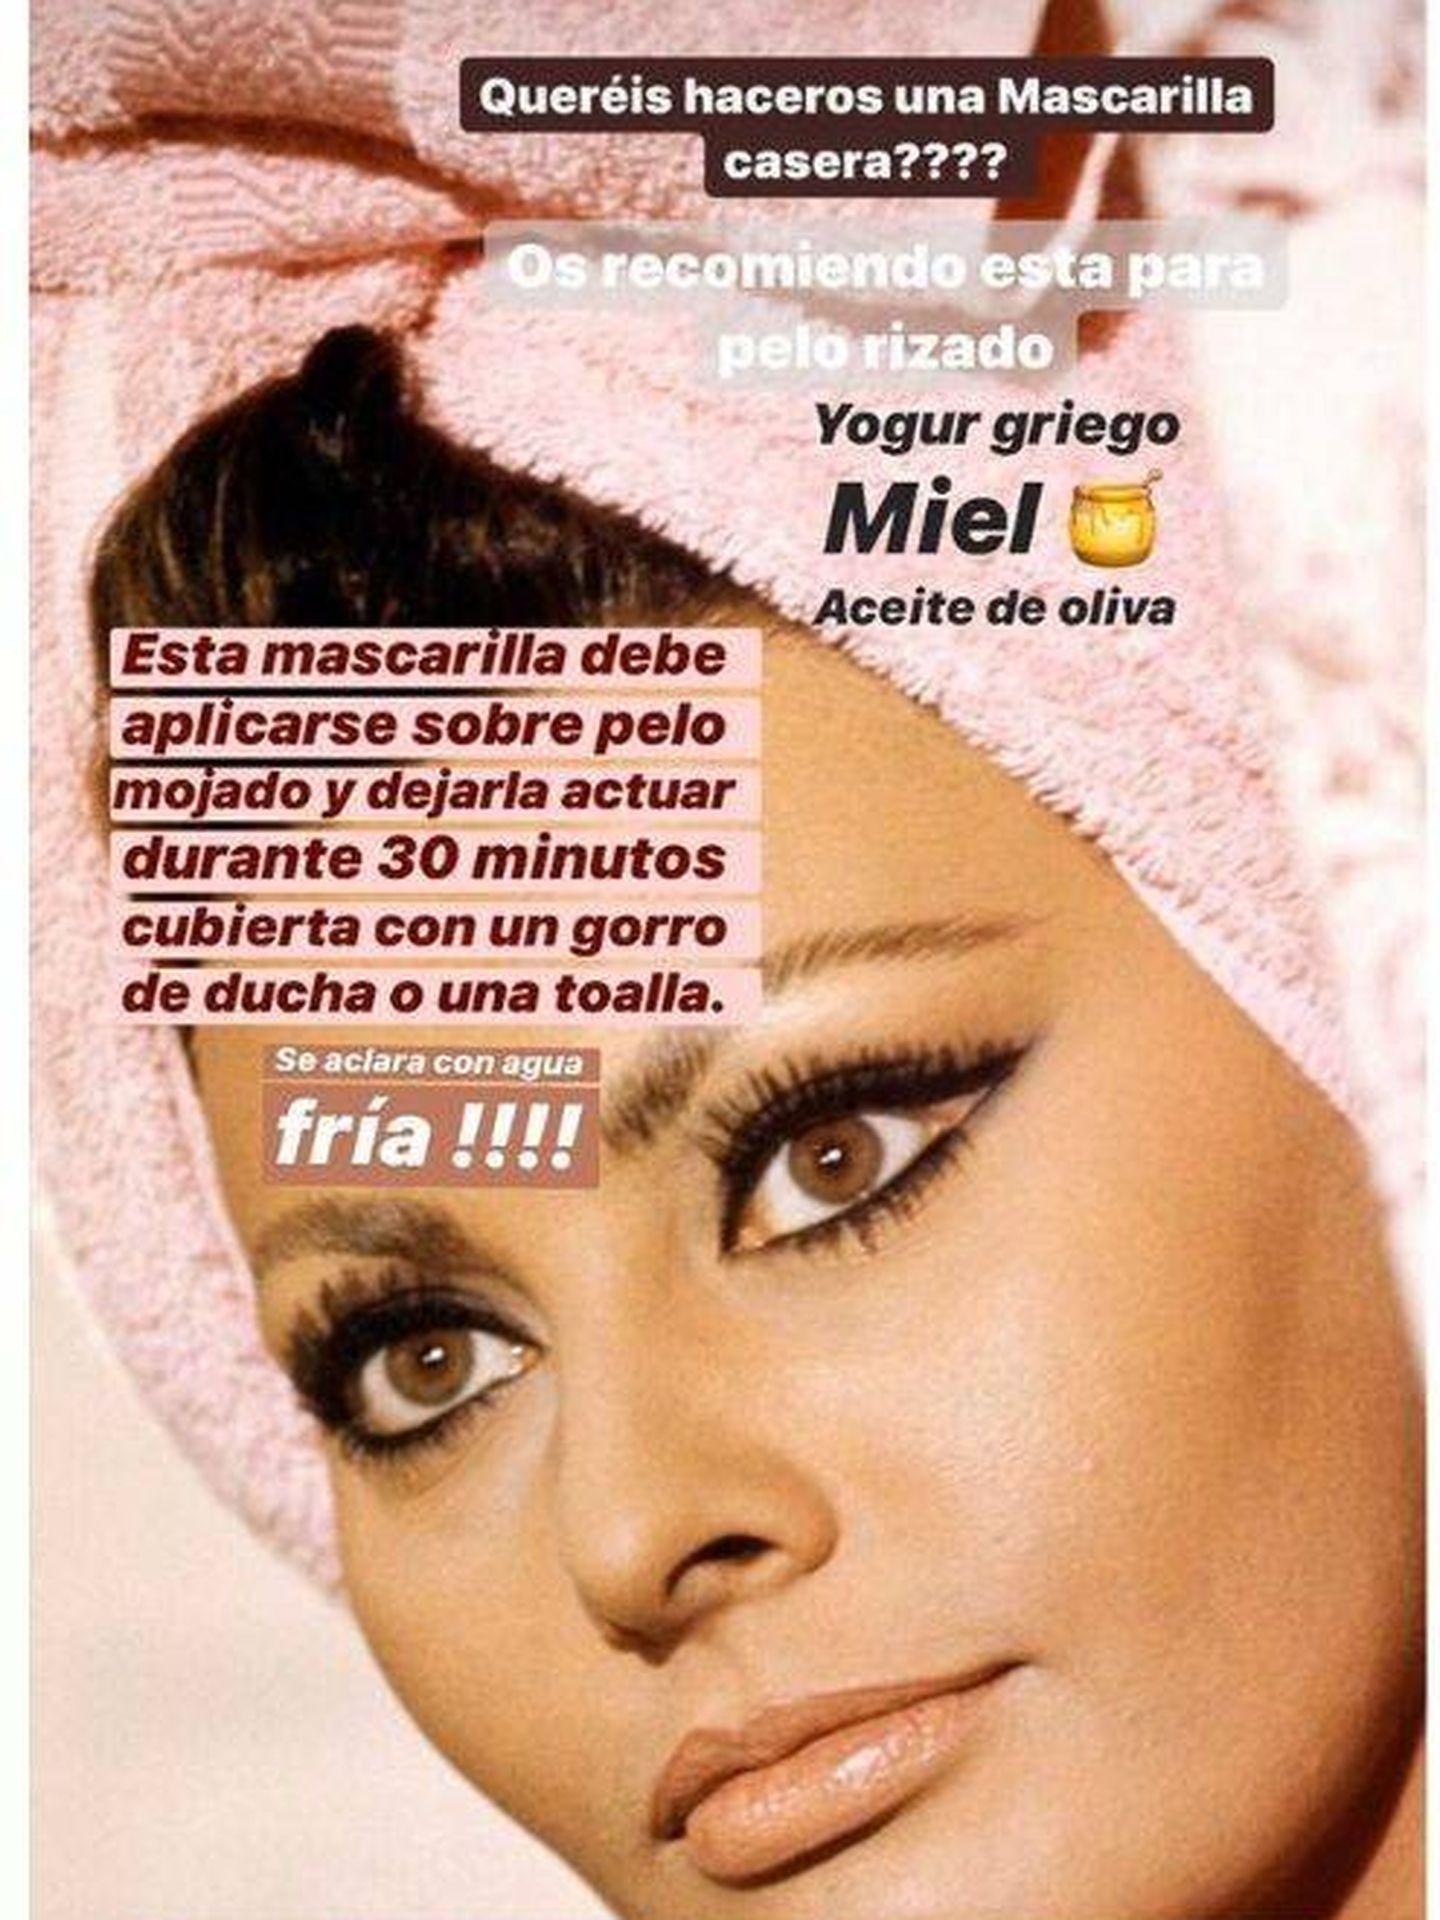 La mascarilla de Vicky Martín Berrocal solo necesita 3 ingredientes. (Instagram, @vickymartinberrocal)